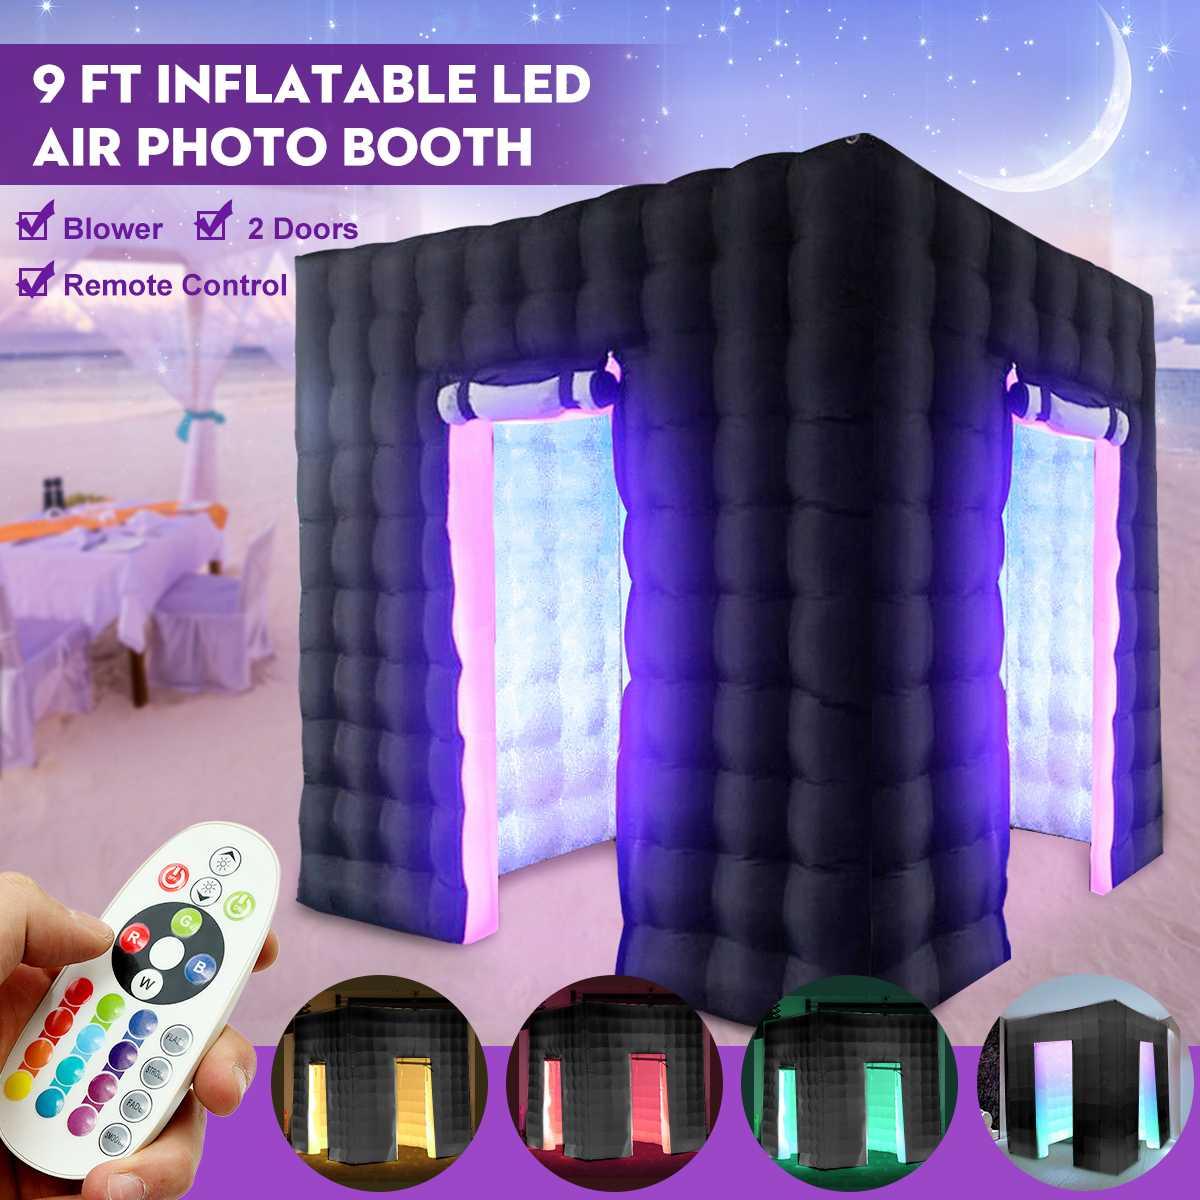 2.8x2.8x2.8 m gonflable Air cabine Photo professionnel gonflable rvb LED Photo cabine tente noir Double porte télécommande tente